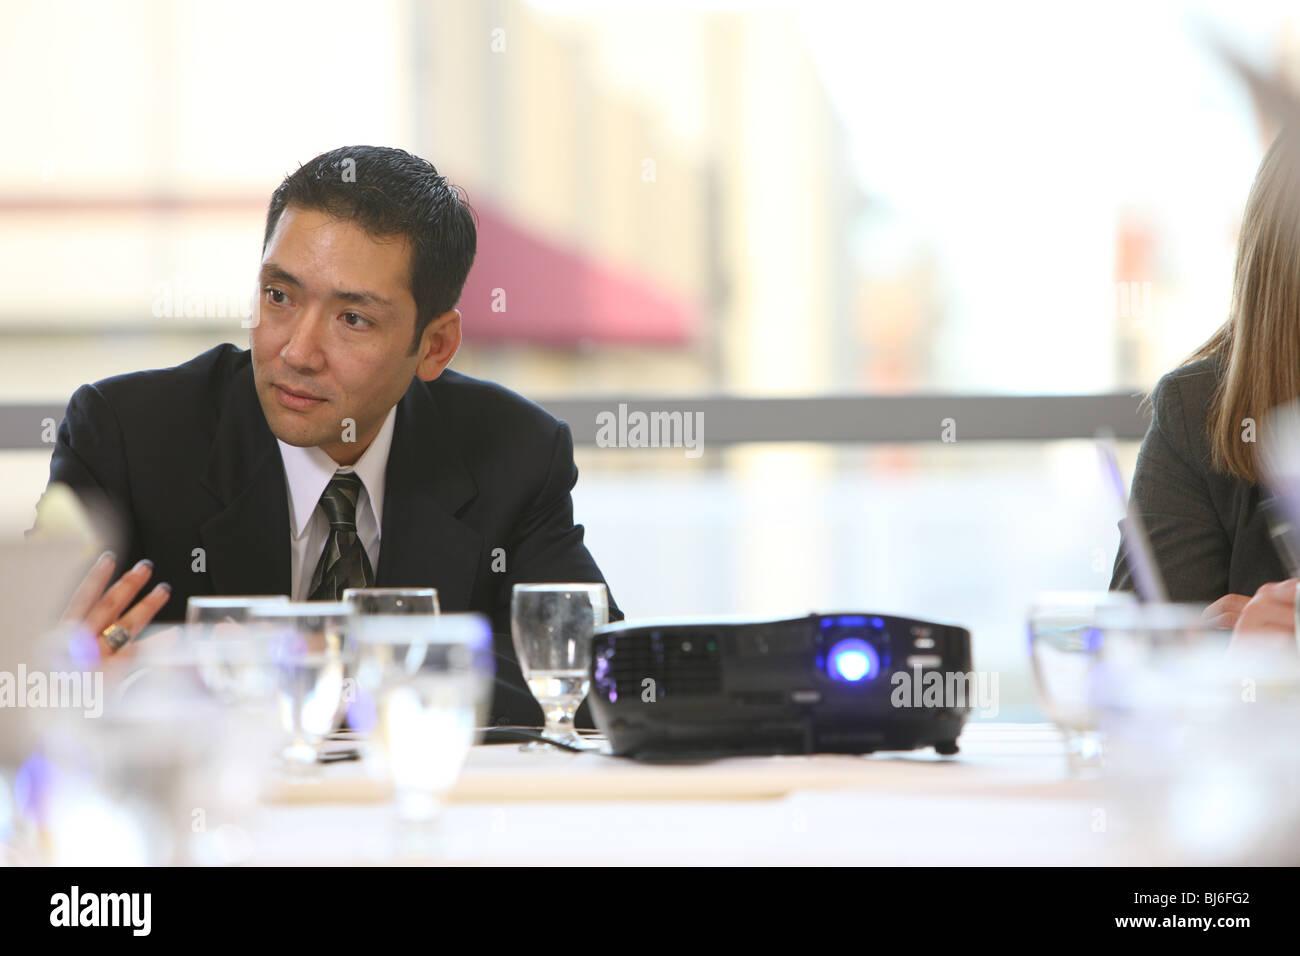 Geschäftsmann in Raum Vorstandssitzung Stockbild